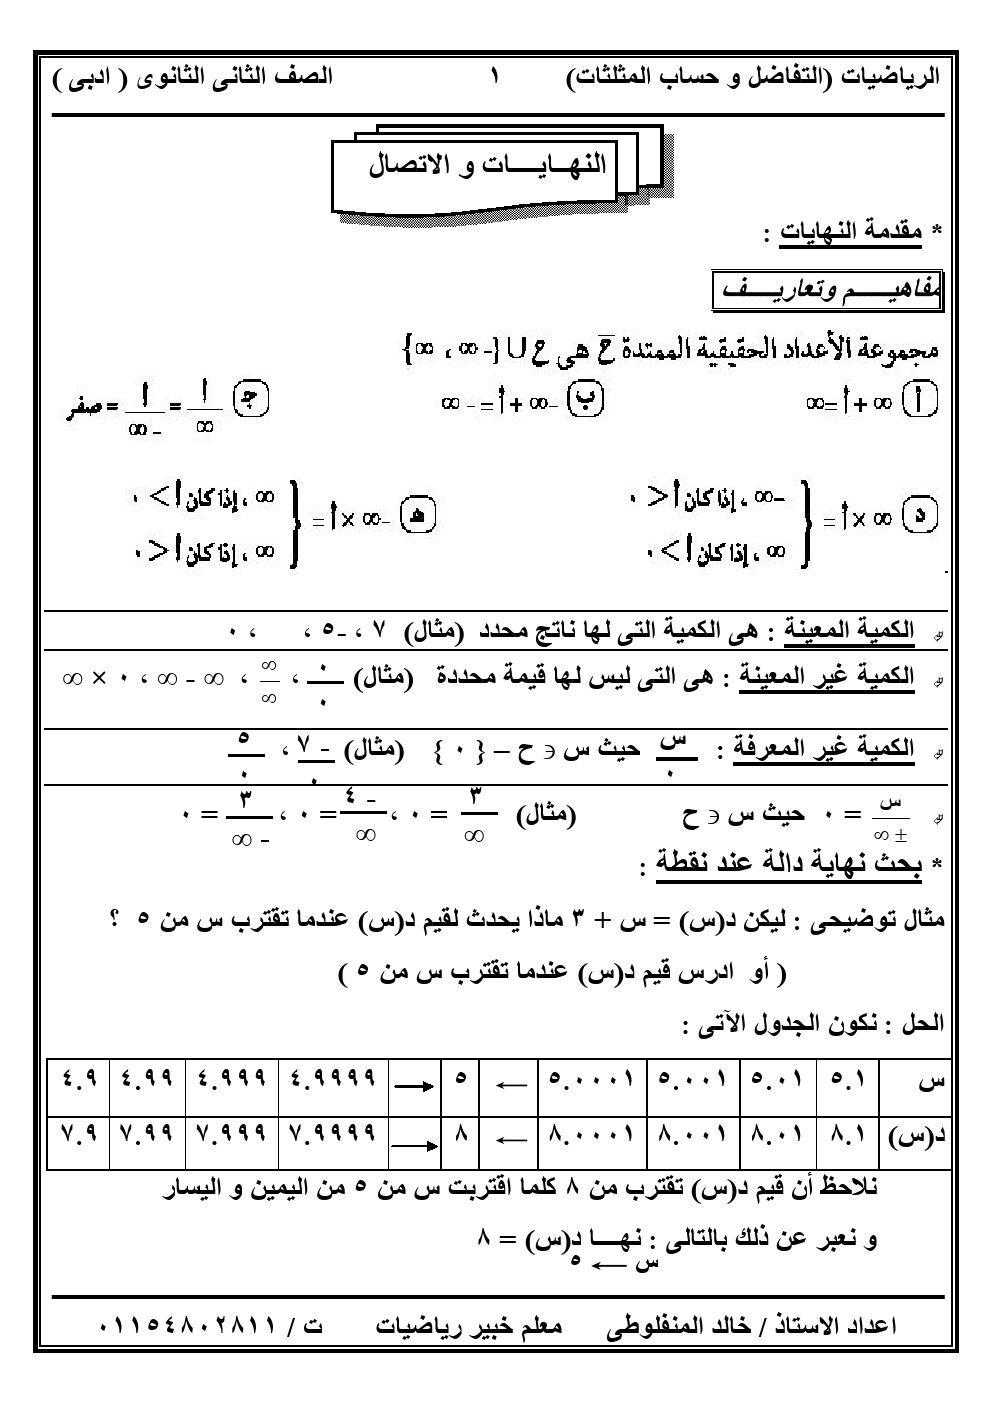 مراجعة علي مادة التفاضل و حساب المثلثات الترم الأول للصف الثاني الثانوي 2019 Math Sheet Music Math Equations